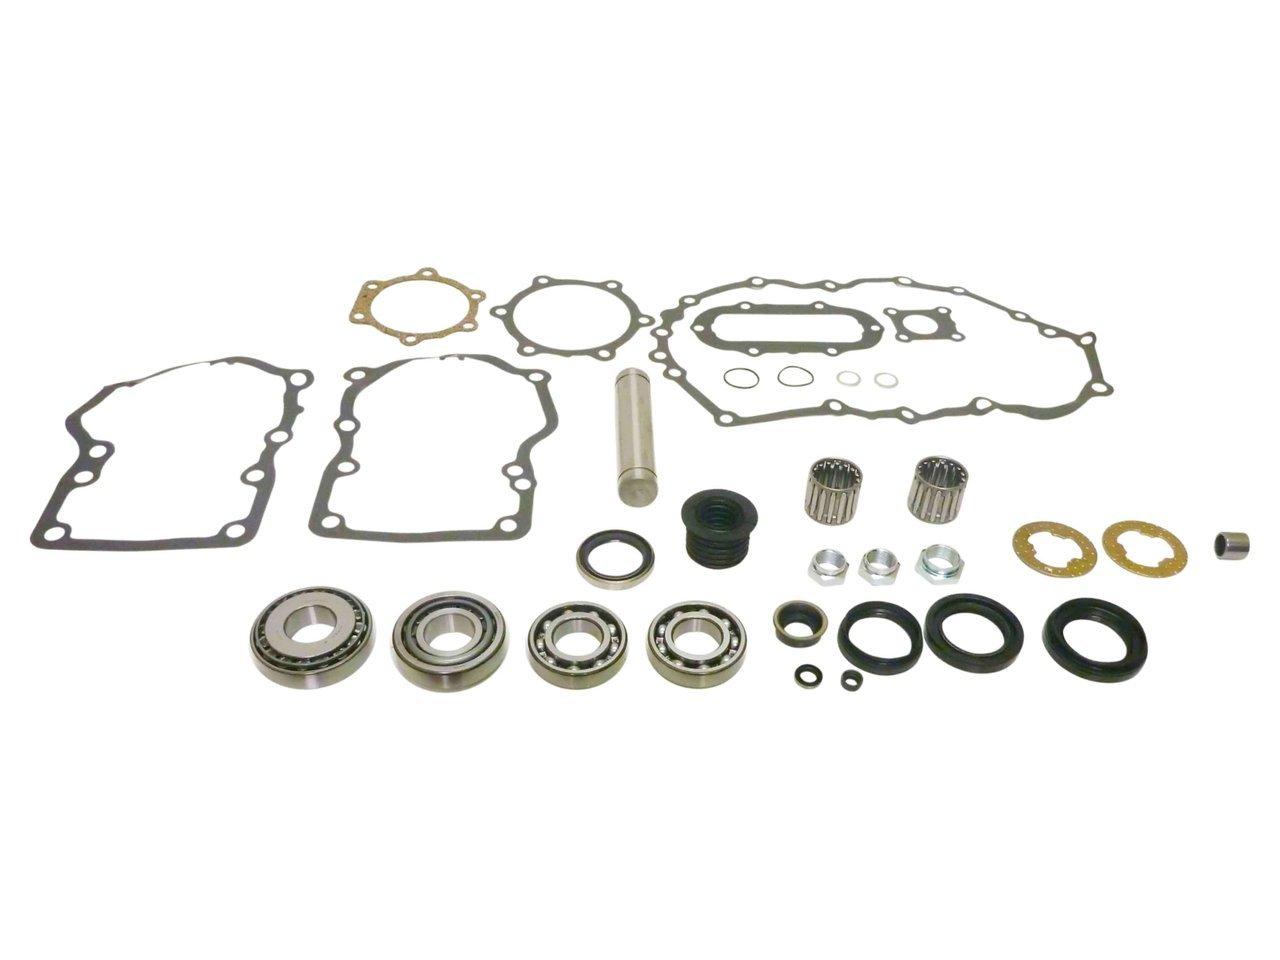 transfer case kit suitable for landcruiser 60 70 series